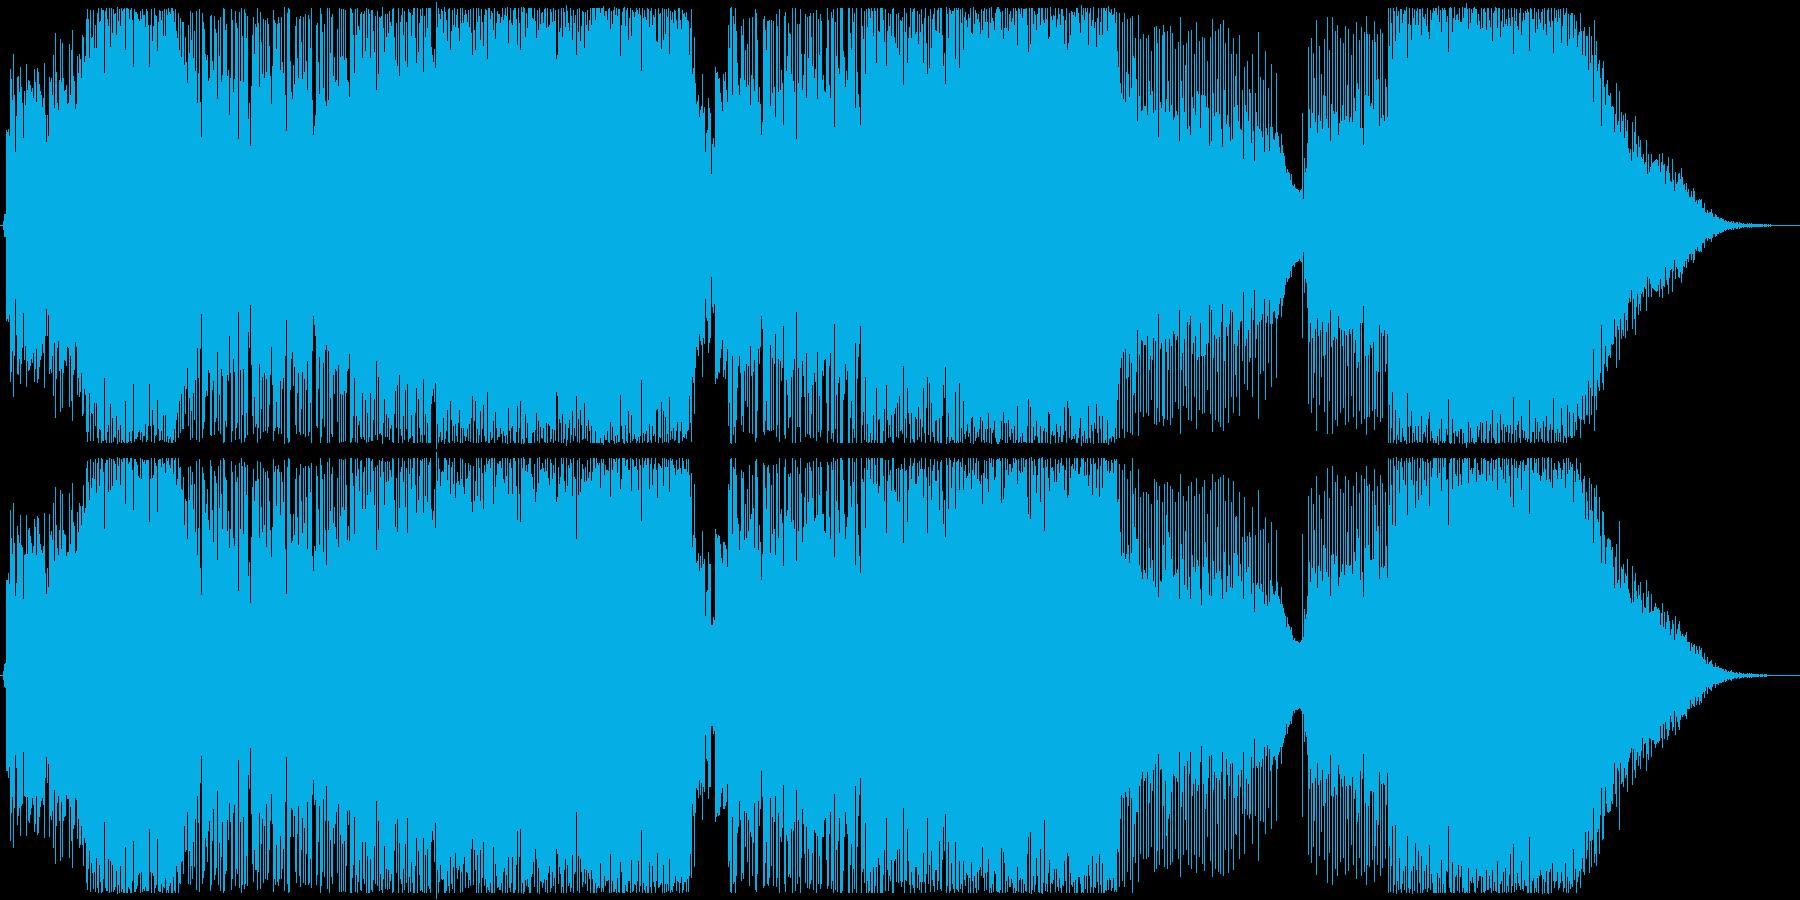 フミンショータイムの再生済みの波形